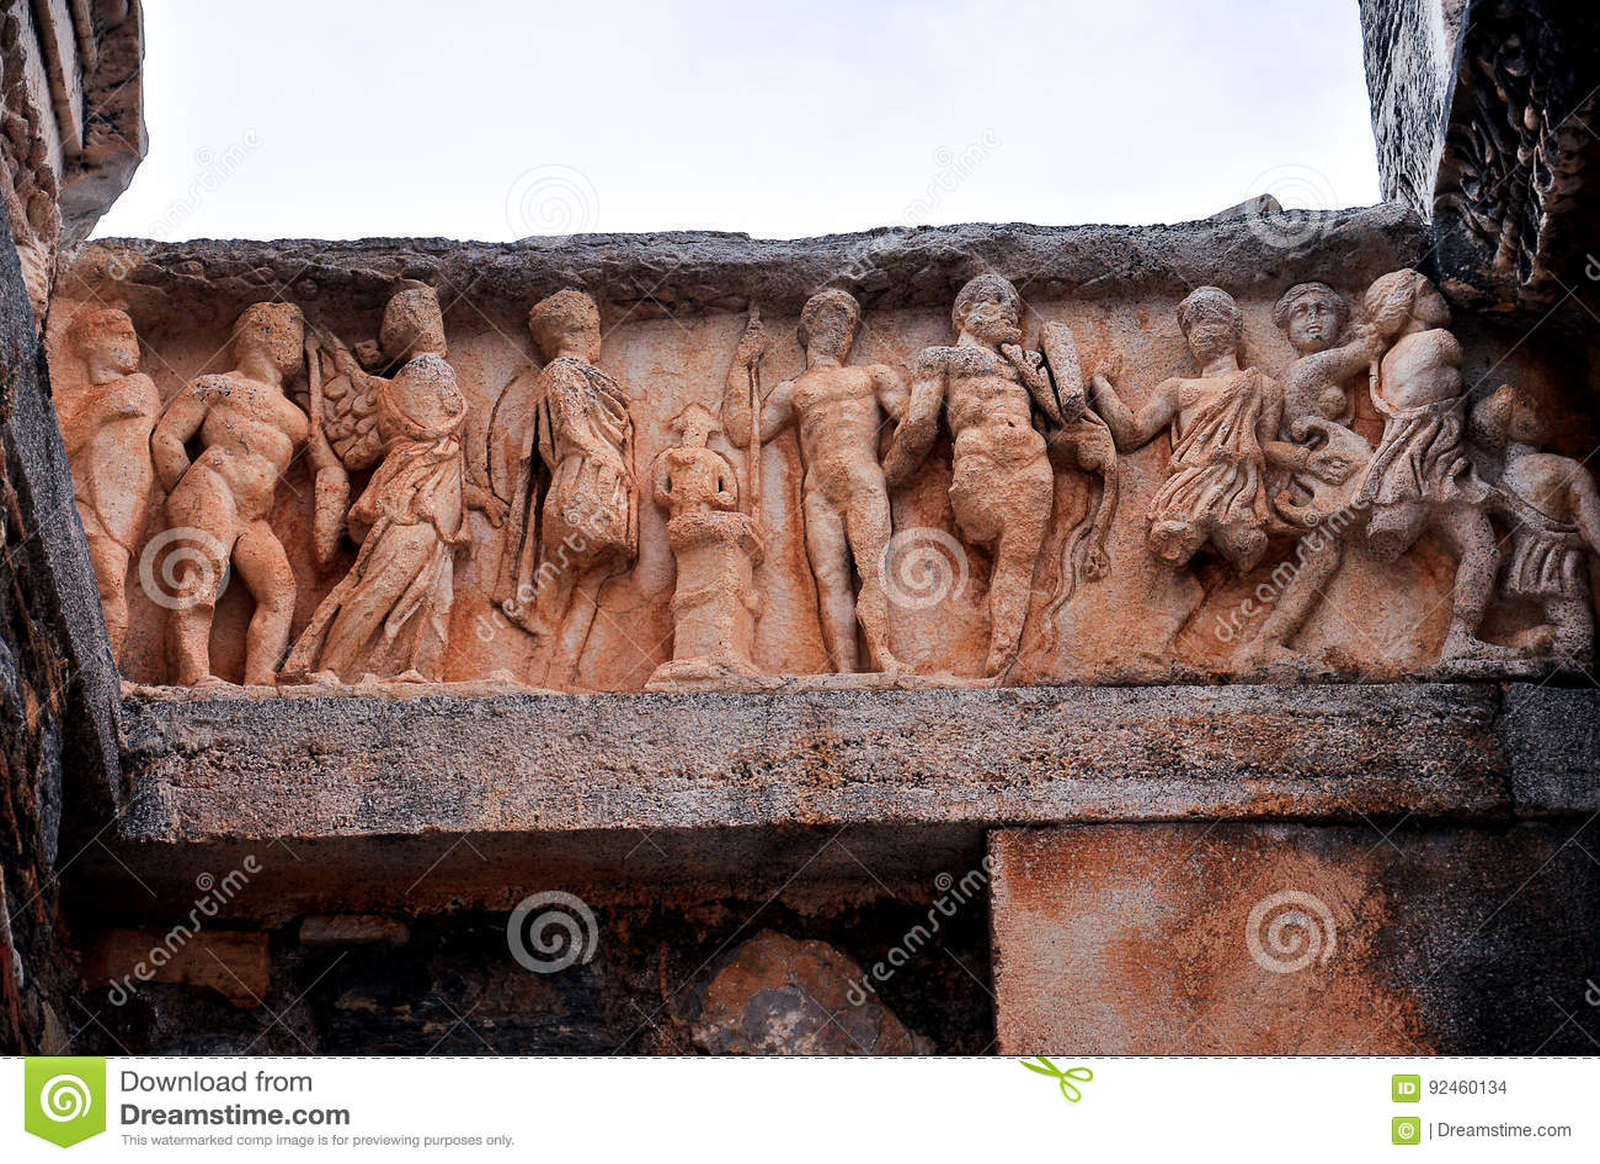 Oude standbeelden in Ephesus